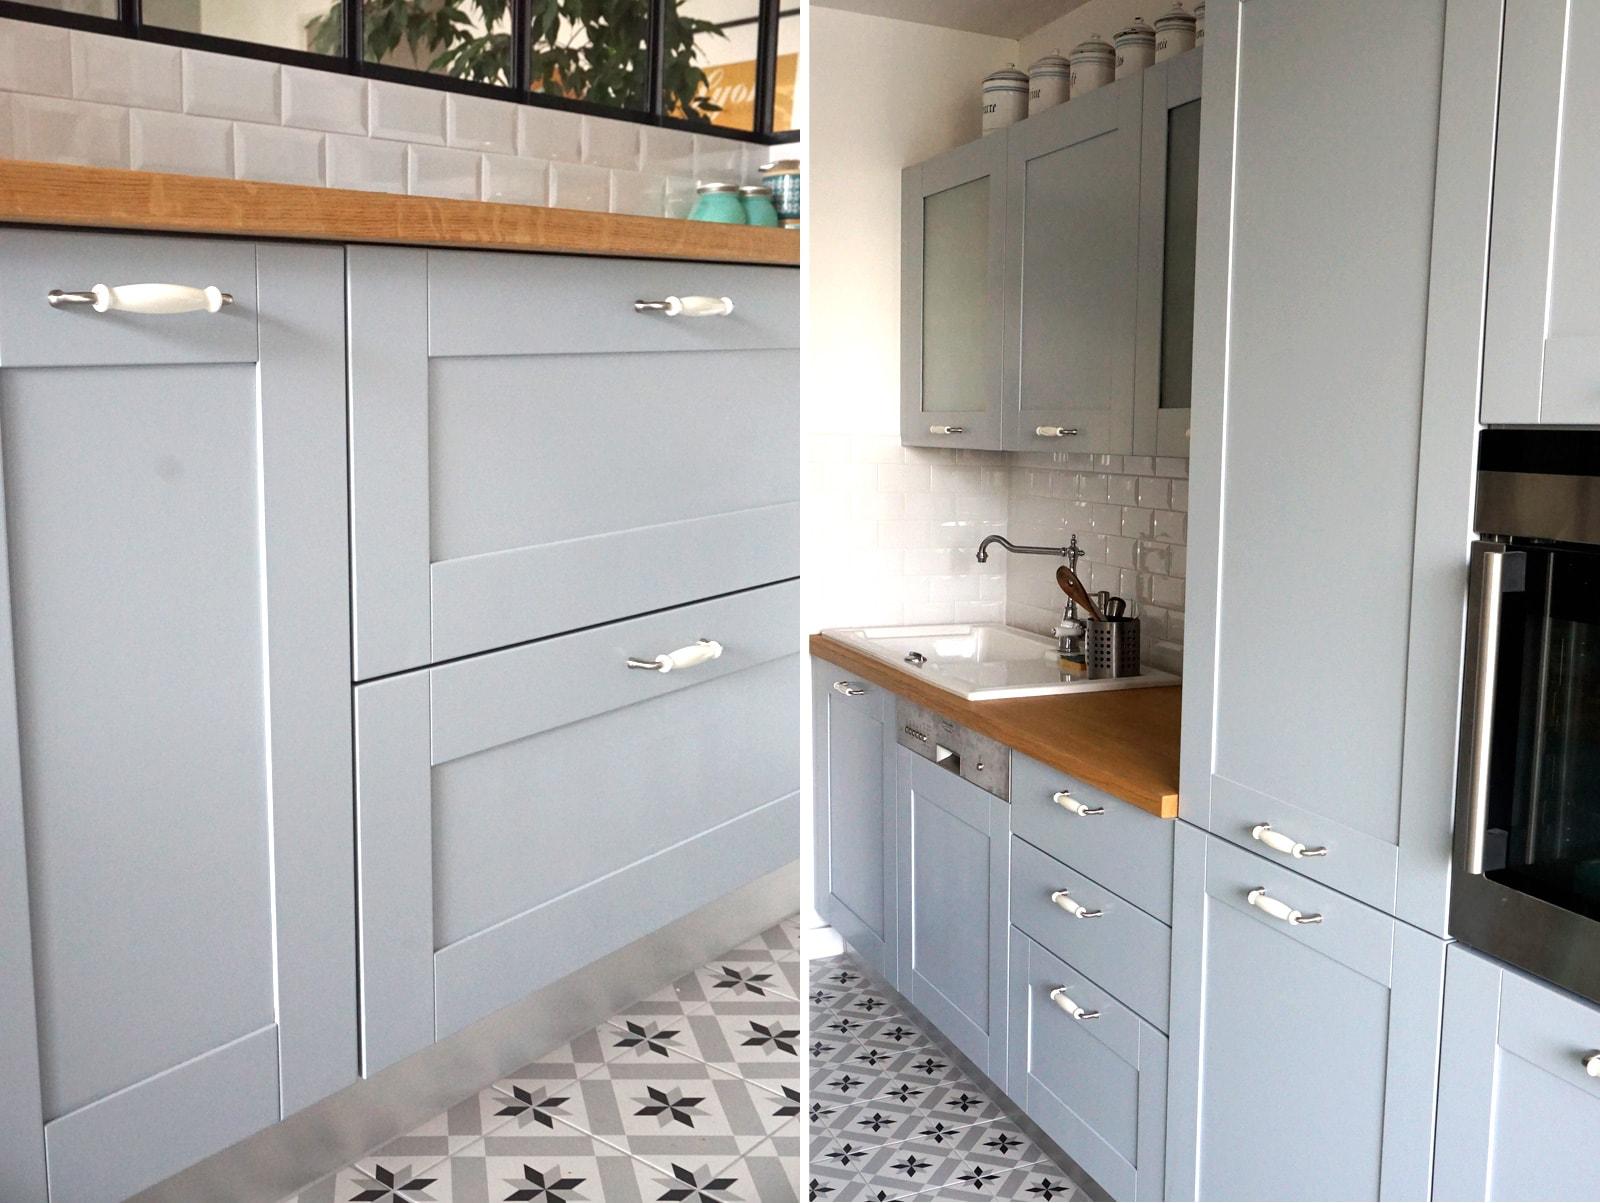 home tour ma cuisine semi ouverte avec verri re blog d co. Black Bedroom Furniture Sets. Home Design Ideas